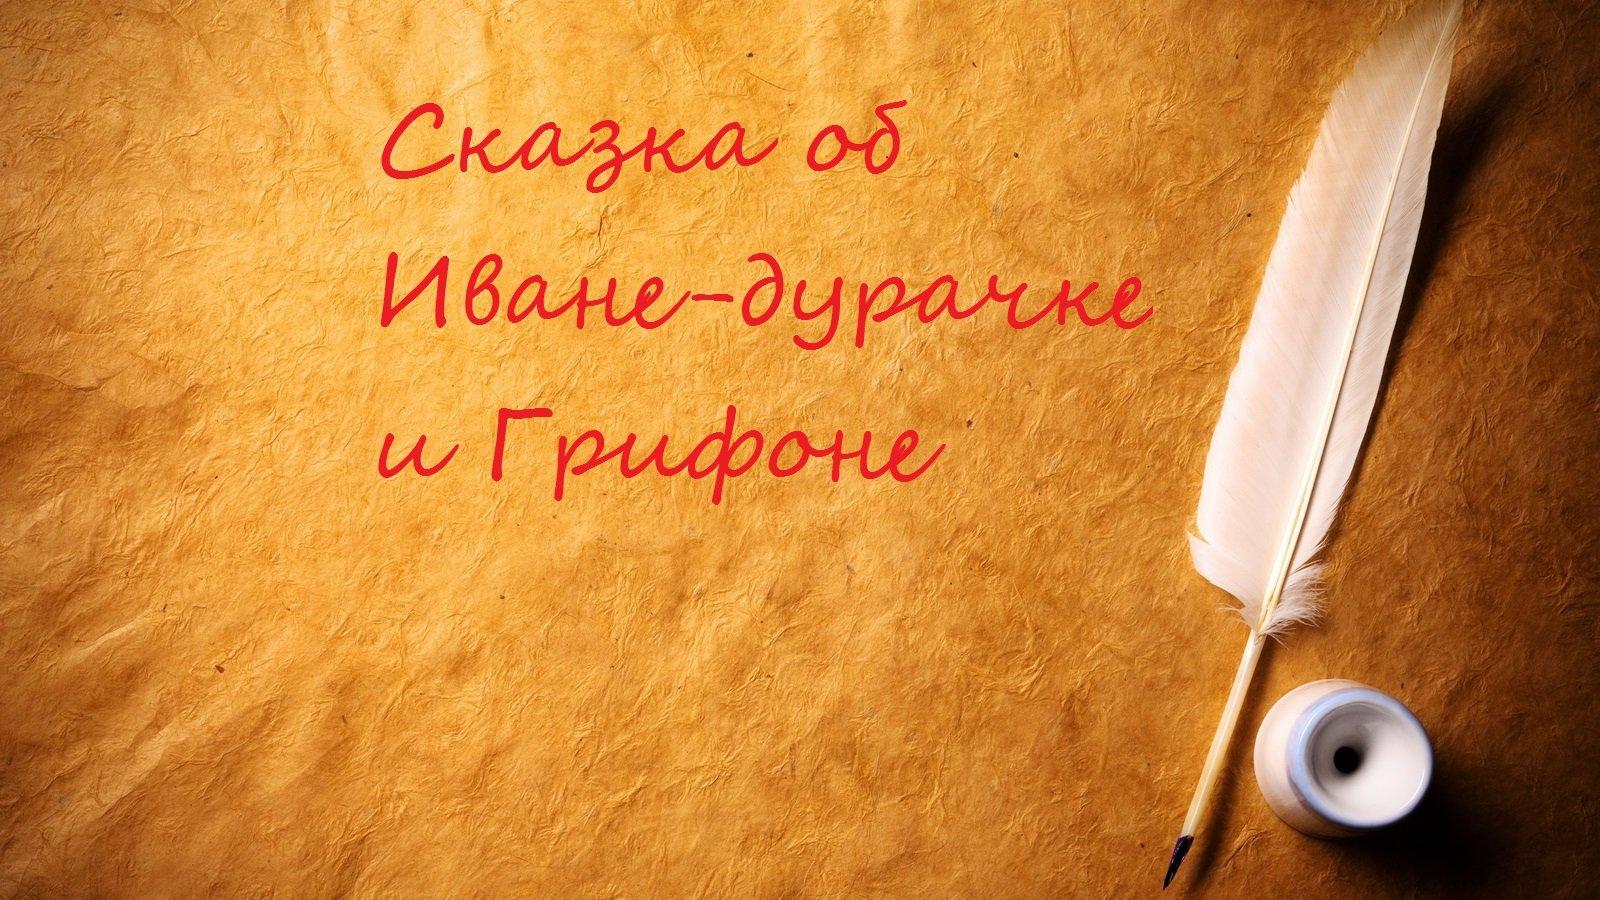 Сказка об Иване-дурачке и Грифоне. - Изображение 1